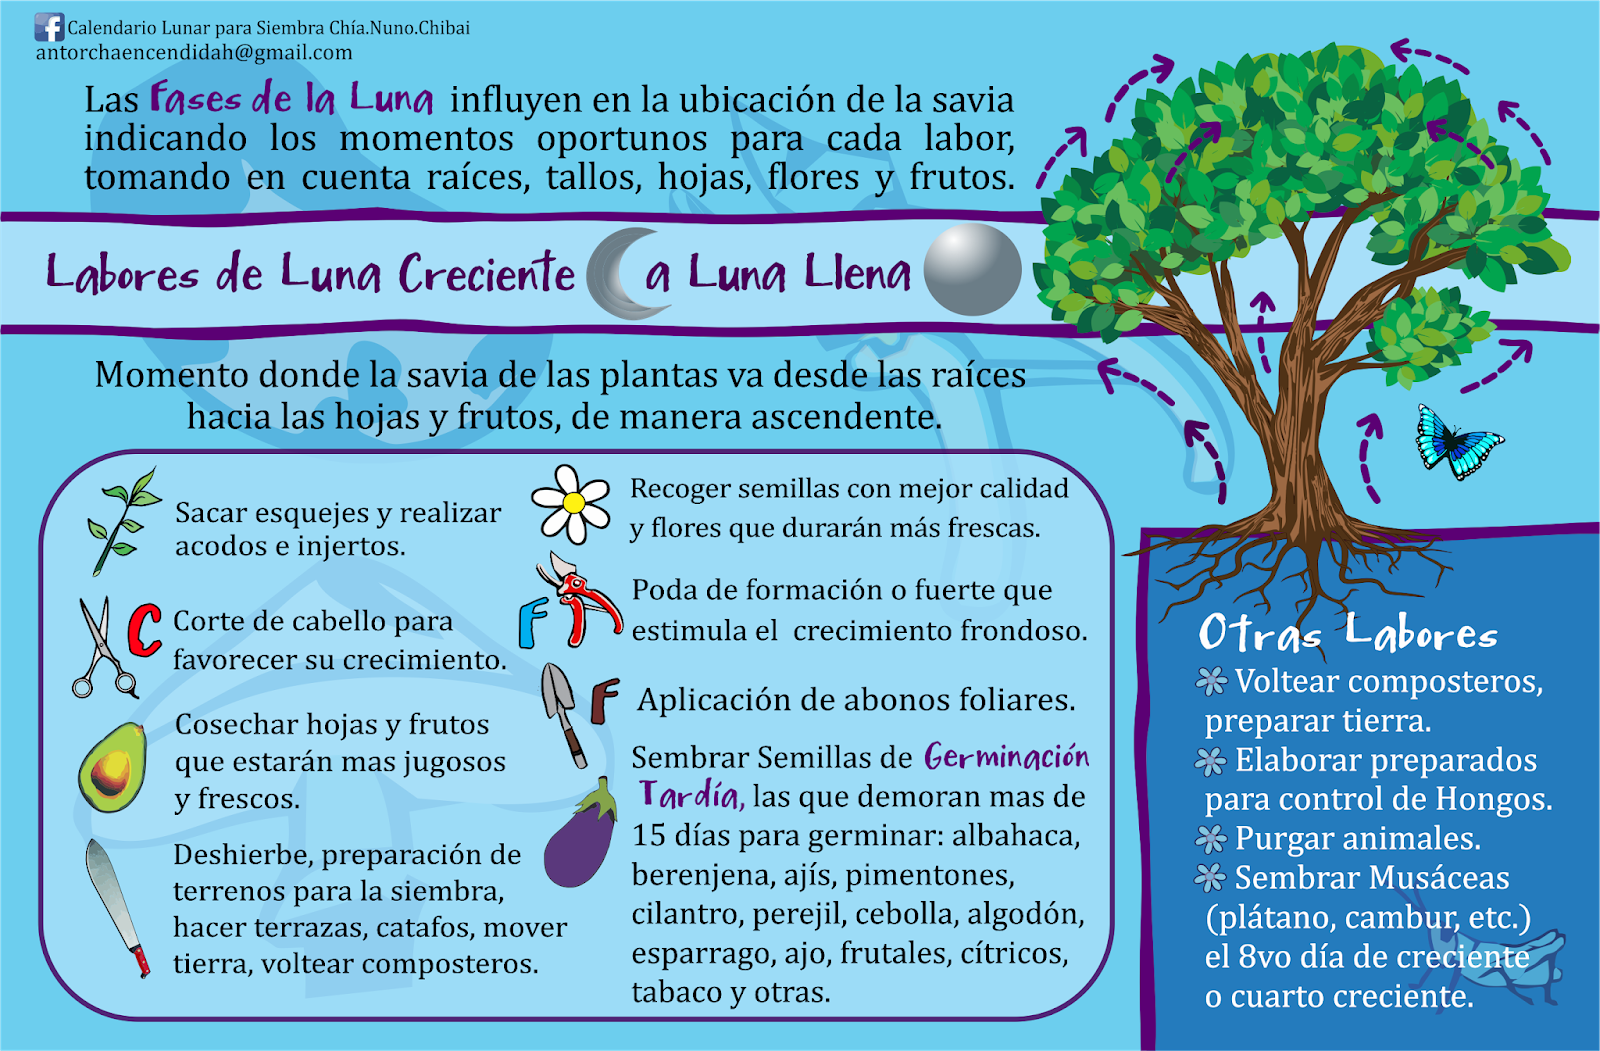 Calendario Lunar De Siembra.Calendario Lunar Para Siembra Chia Nuno Chibai